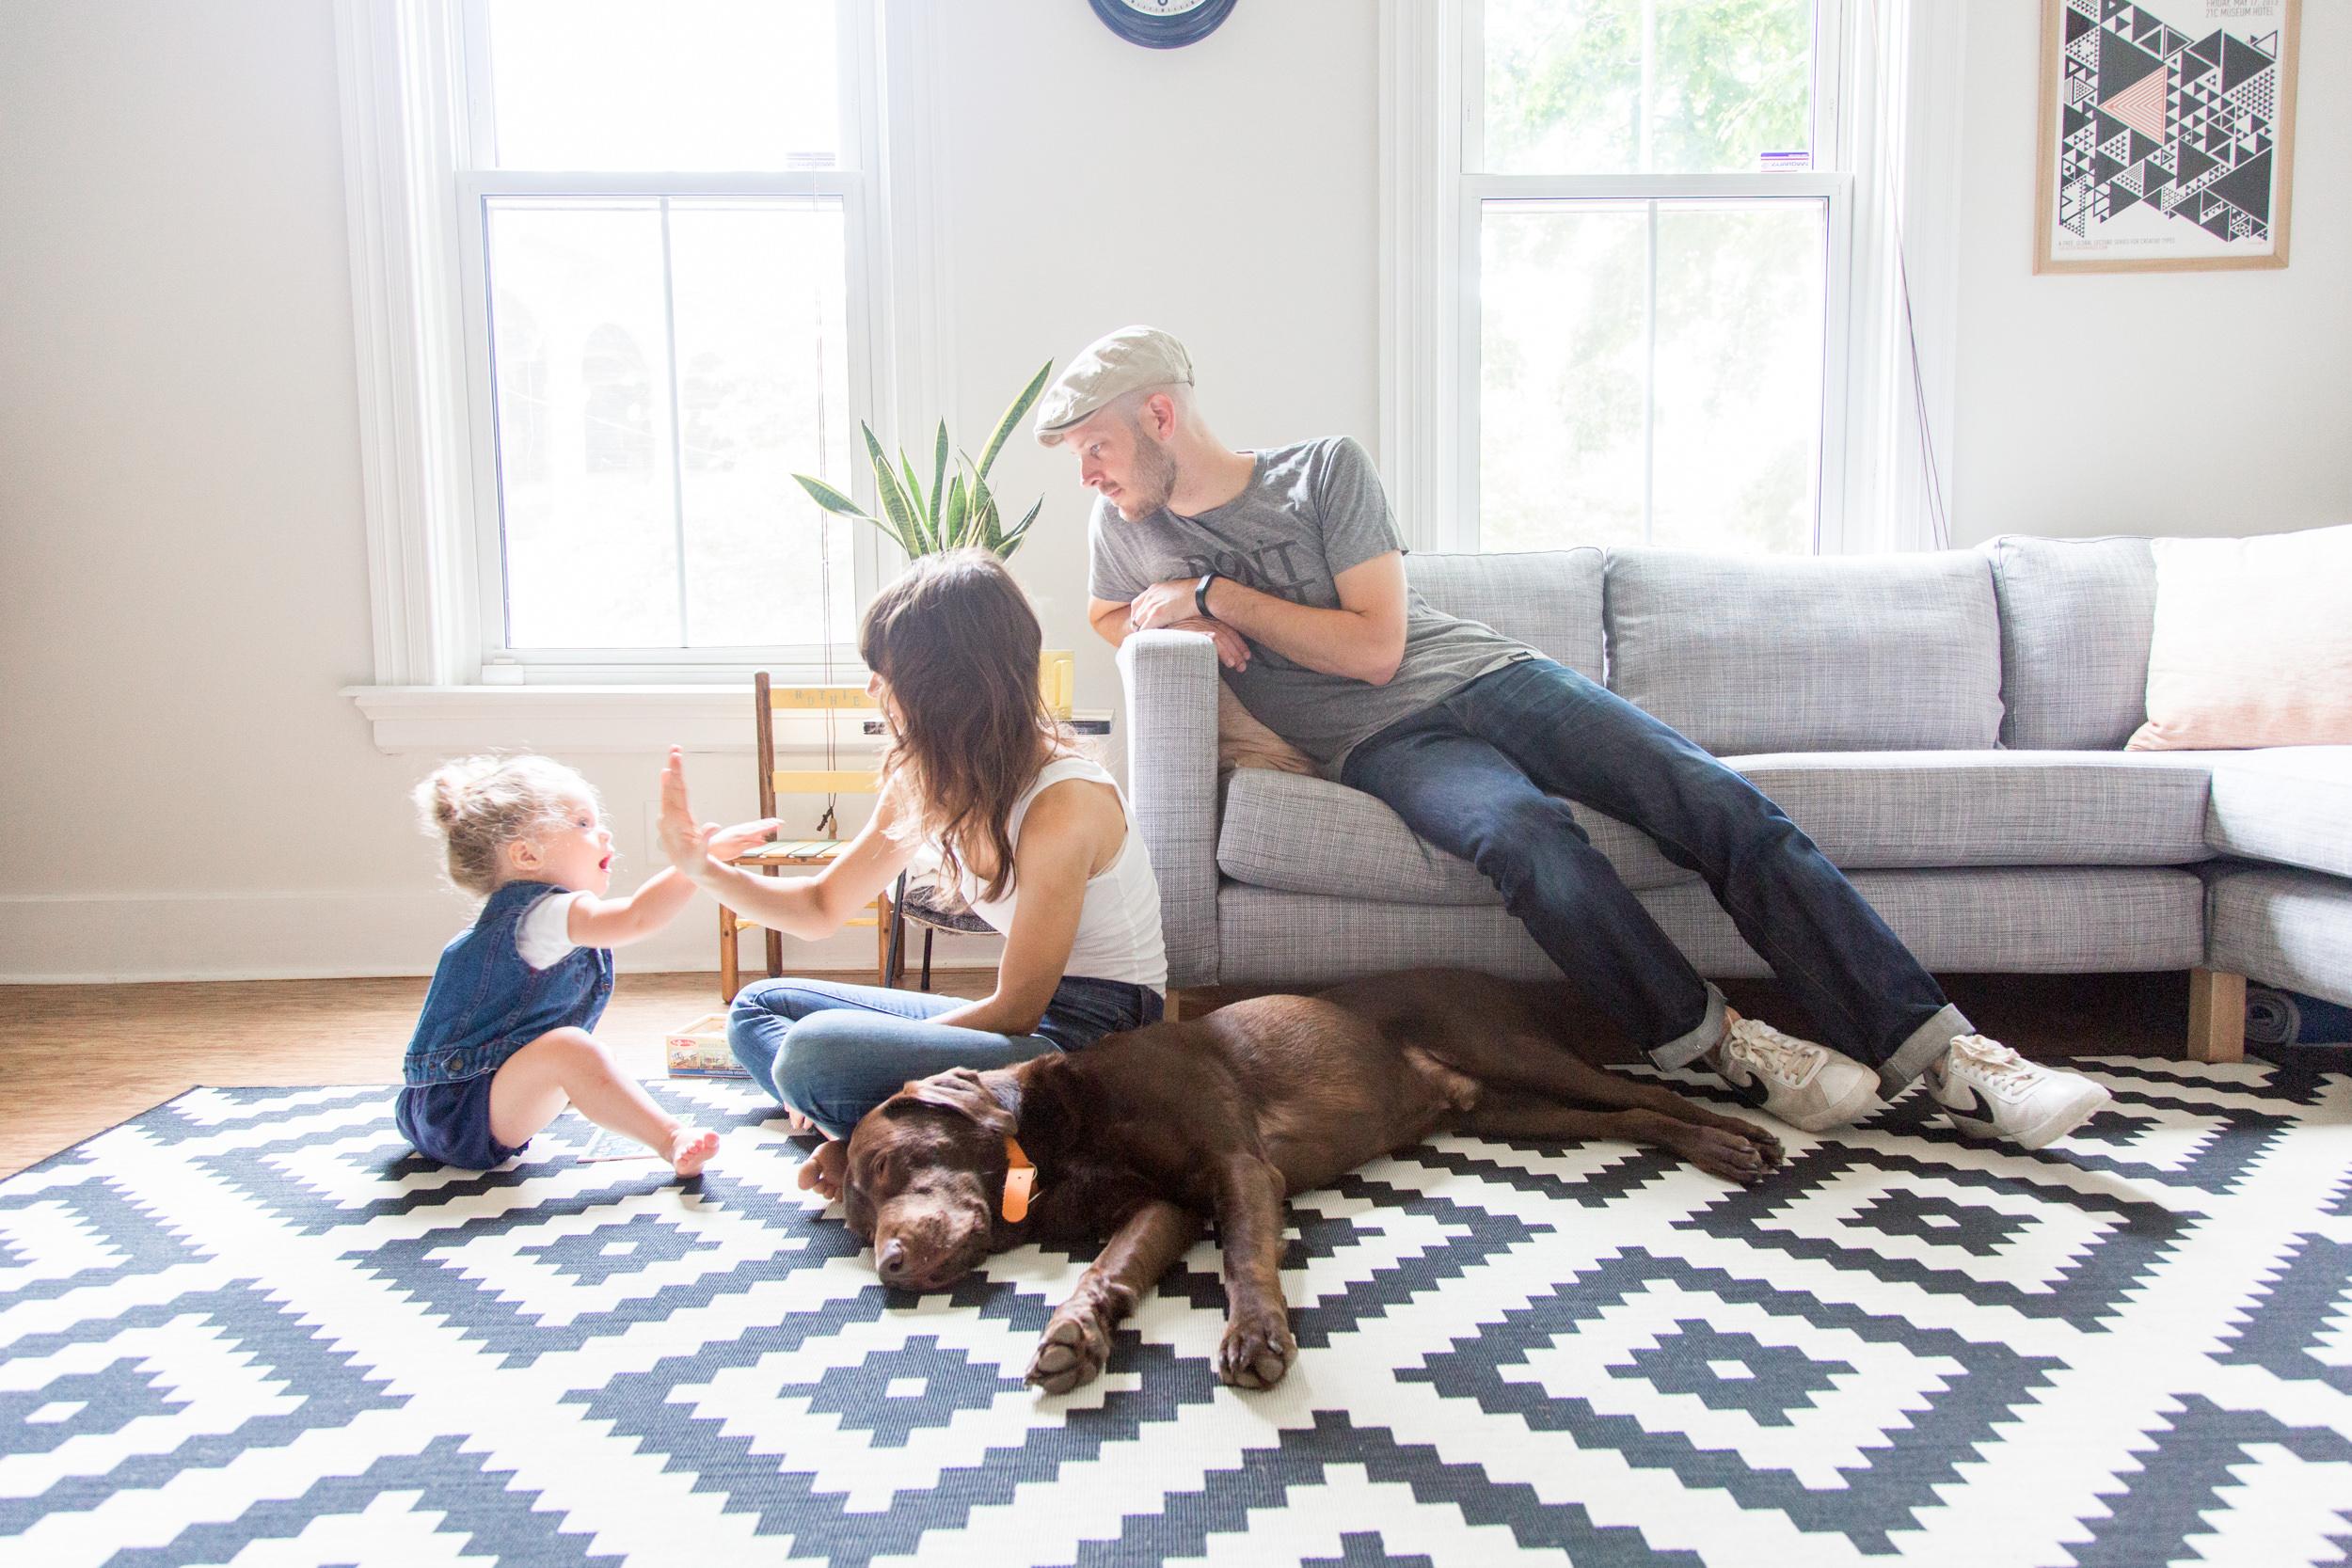 TheSmythCollective-Best-Cincinnati-Family-Photographer-002.jpg